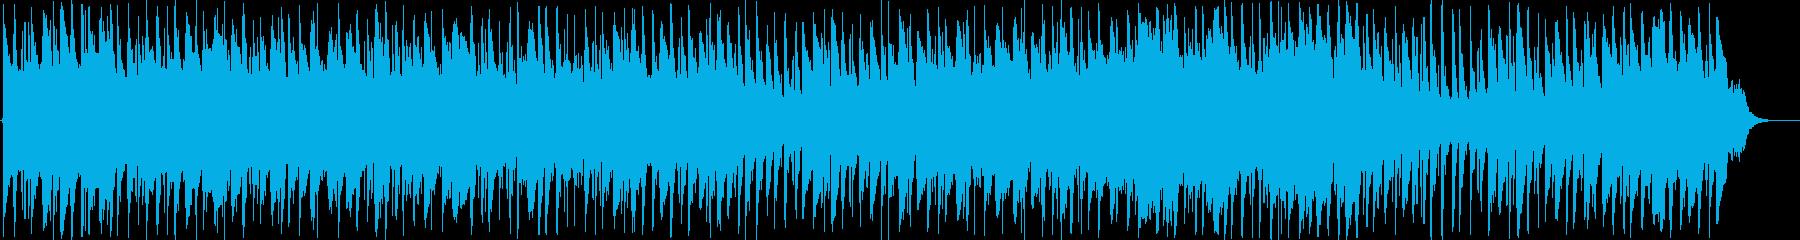 ダンスボールルーム。トリプレットリズム。の再生済みの波形